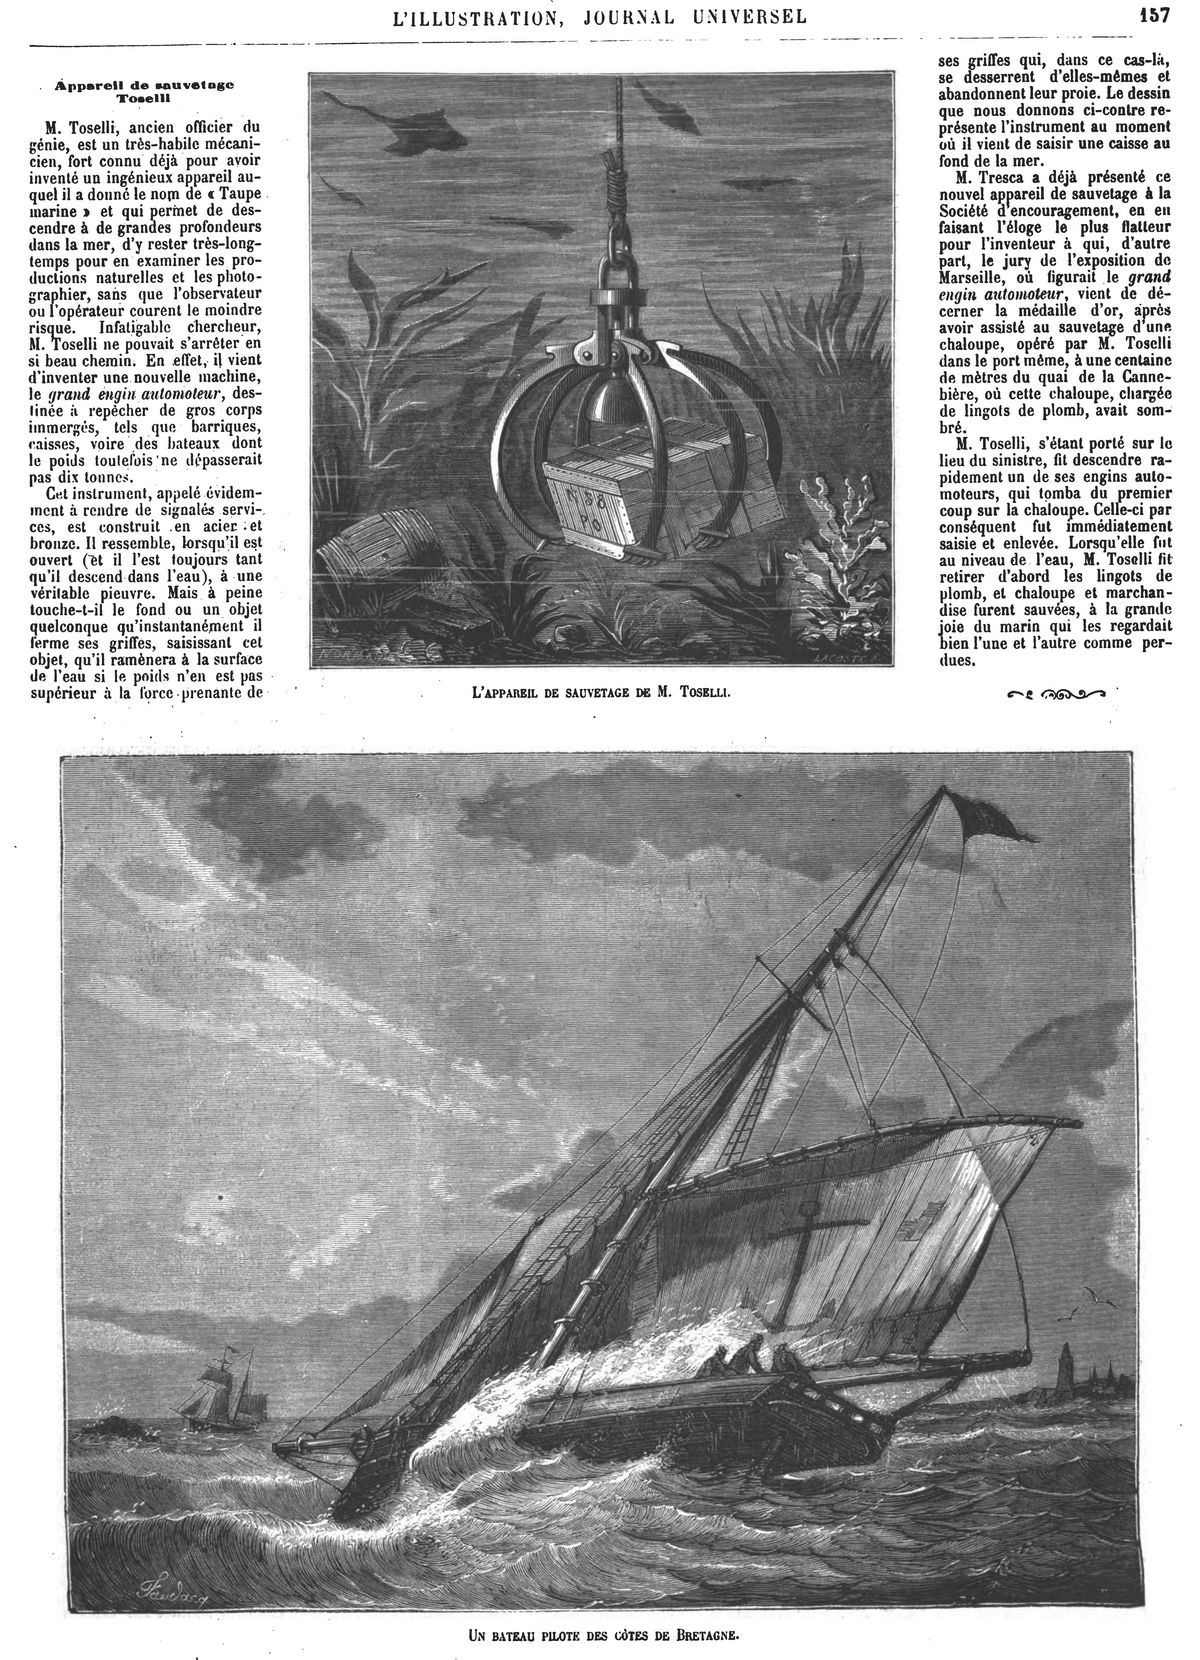 L'appareil de sauvetage de M. Toselli. Gravure 1874 — Un bateau pilóle des côtes de Bretagne. Gravure 1874